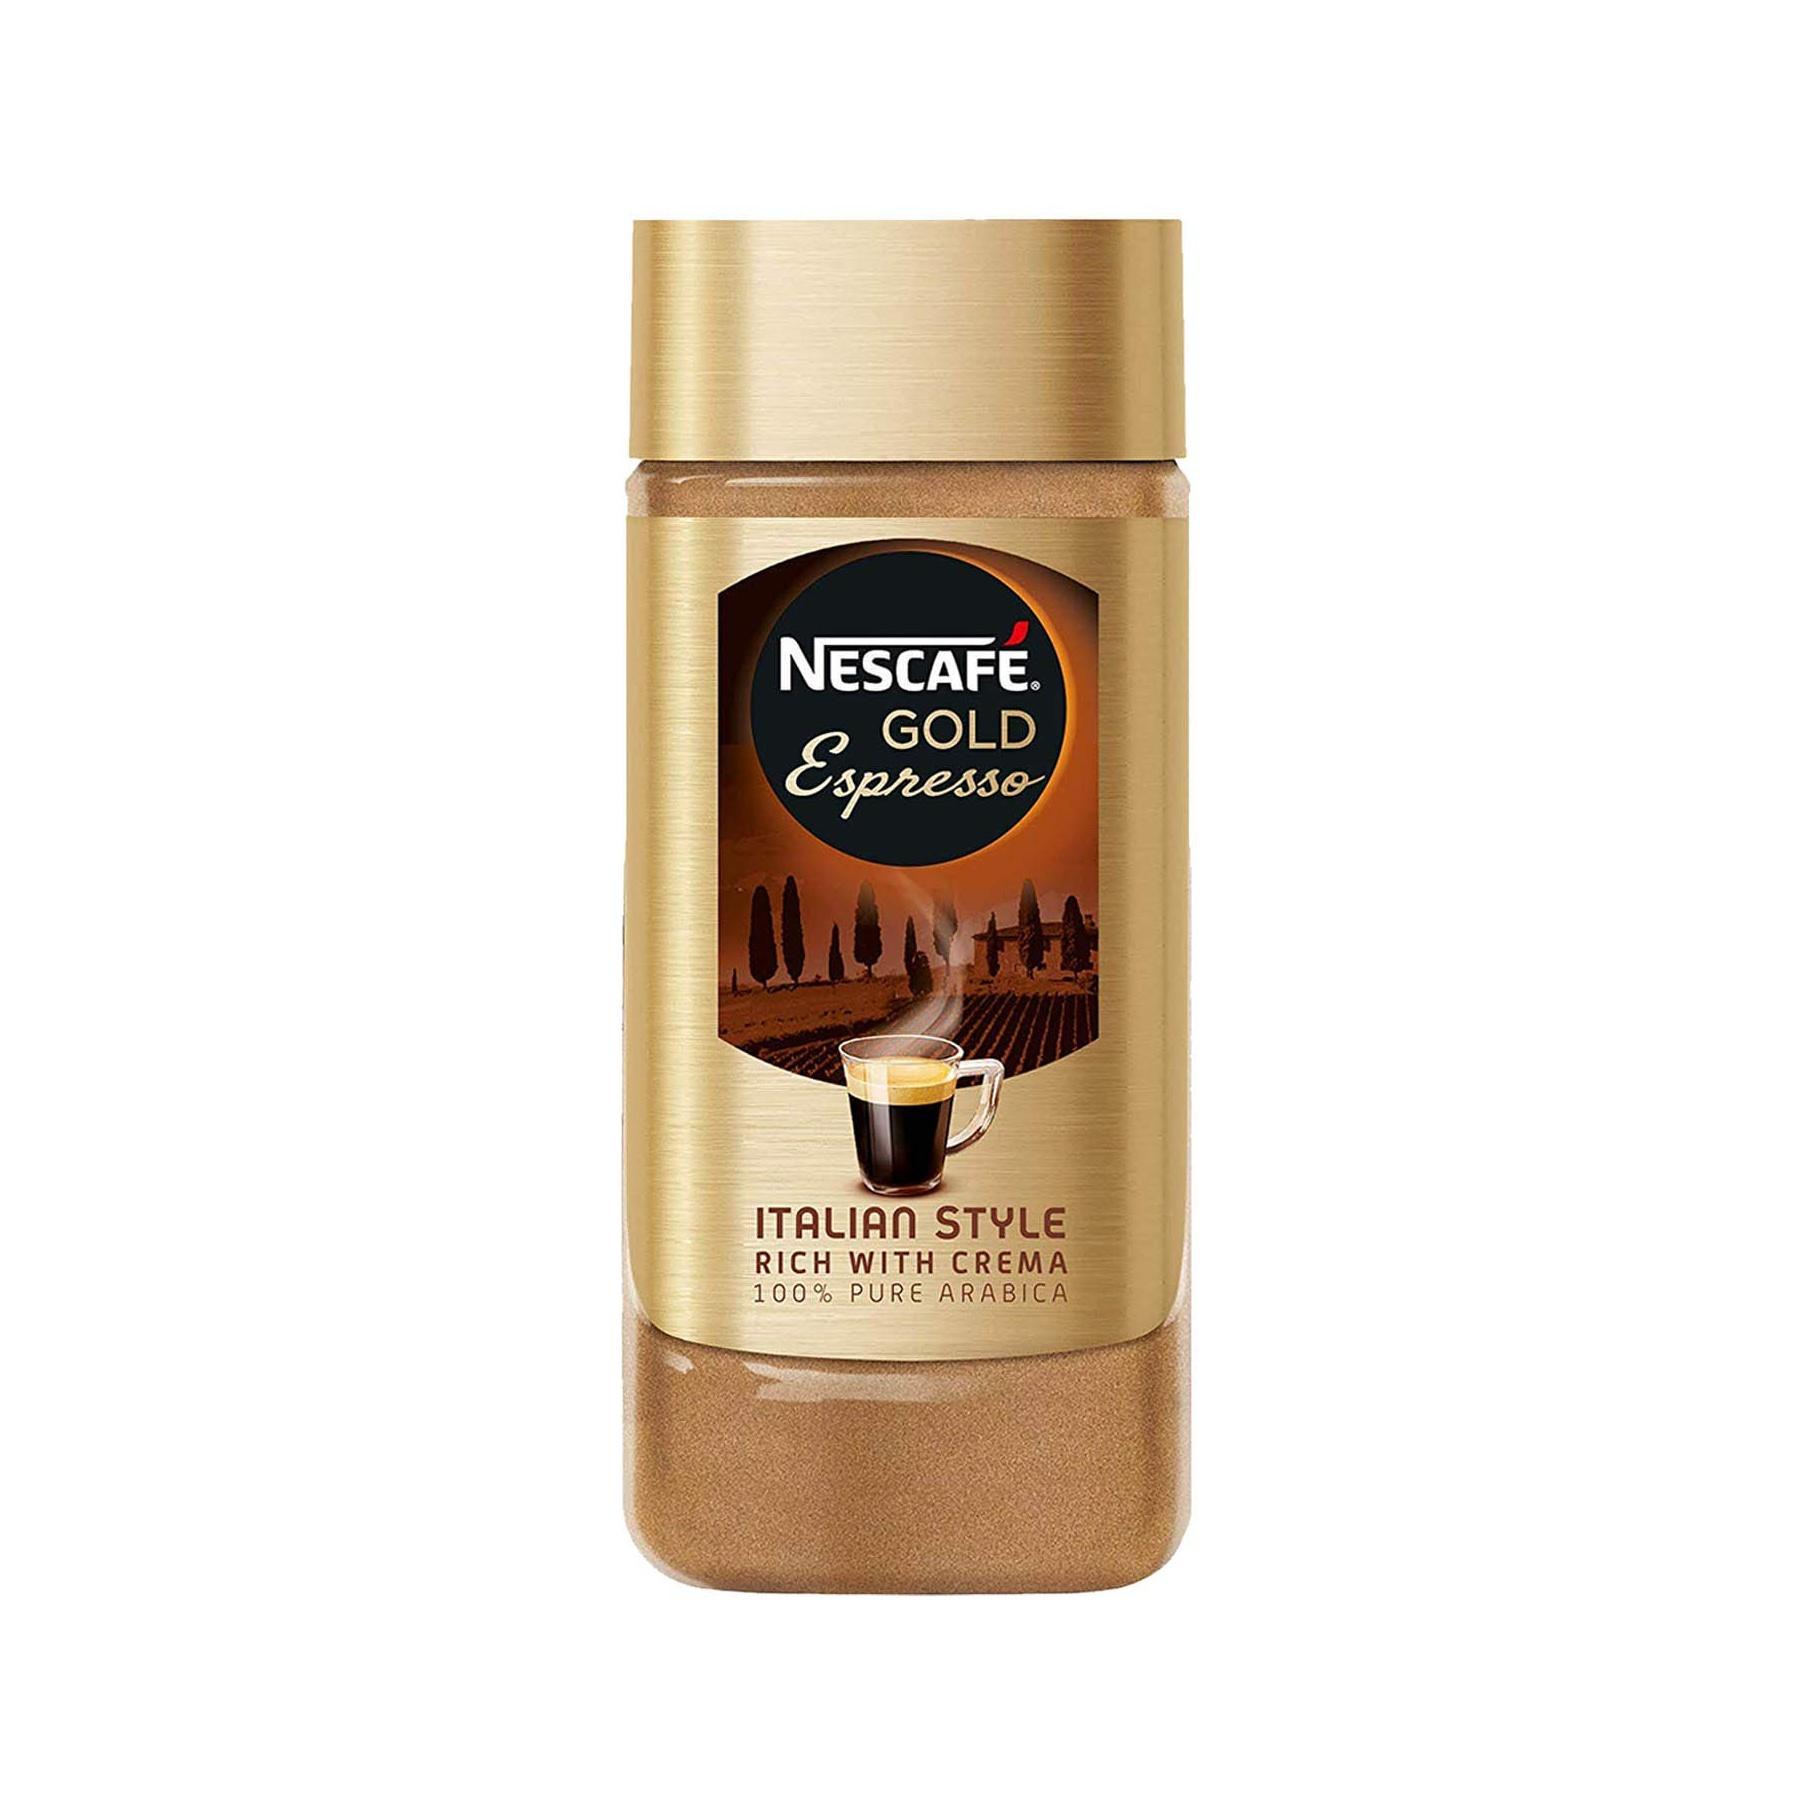 Nescafe Coffee Gold Espresso 100G - in Sri Lanka